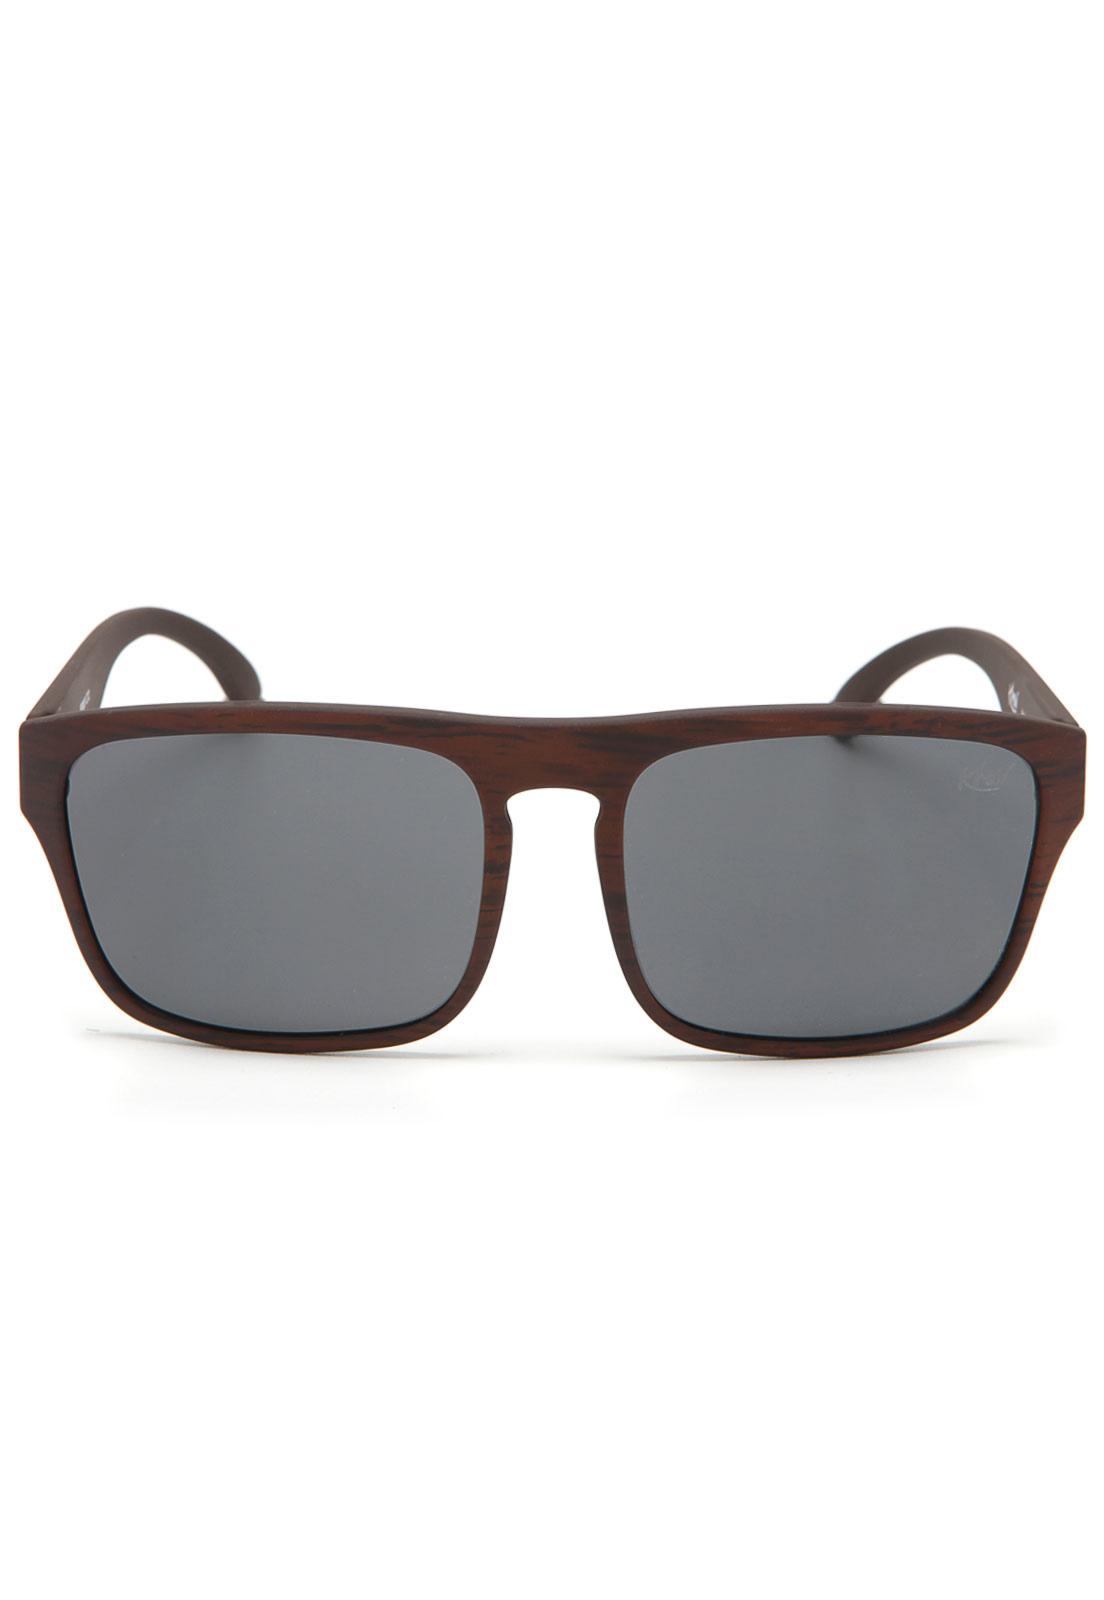 85f53a566 Óculos de Sol Krew Amadeirado Marrom | Products | Oculos de sol, Por ...